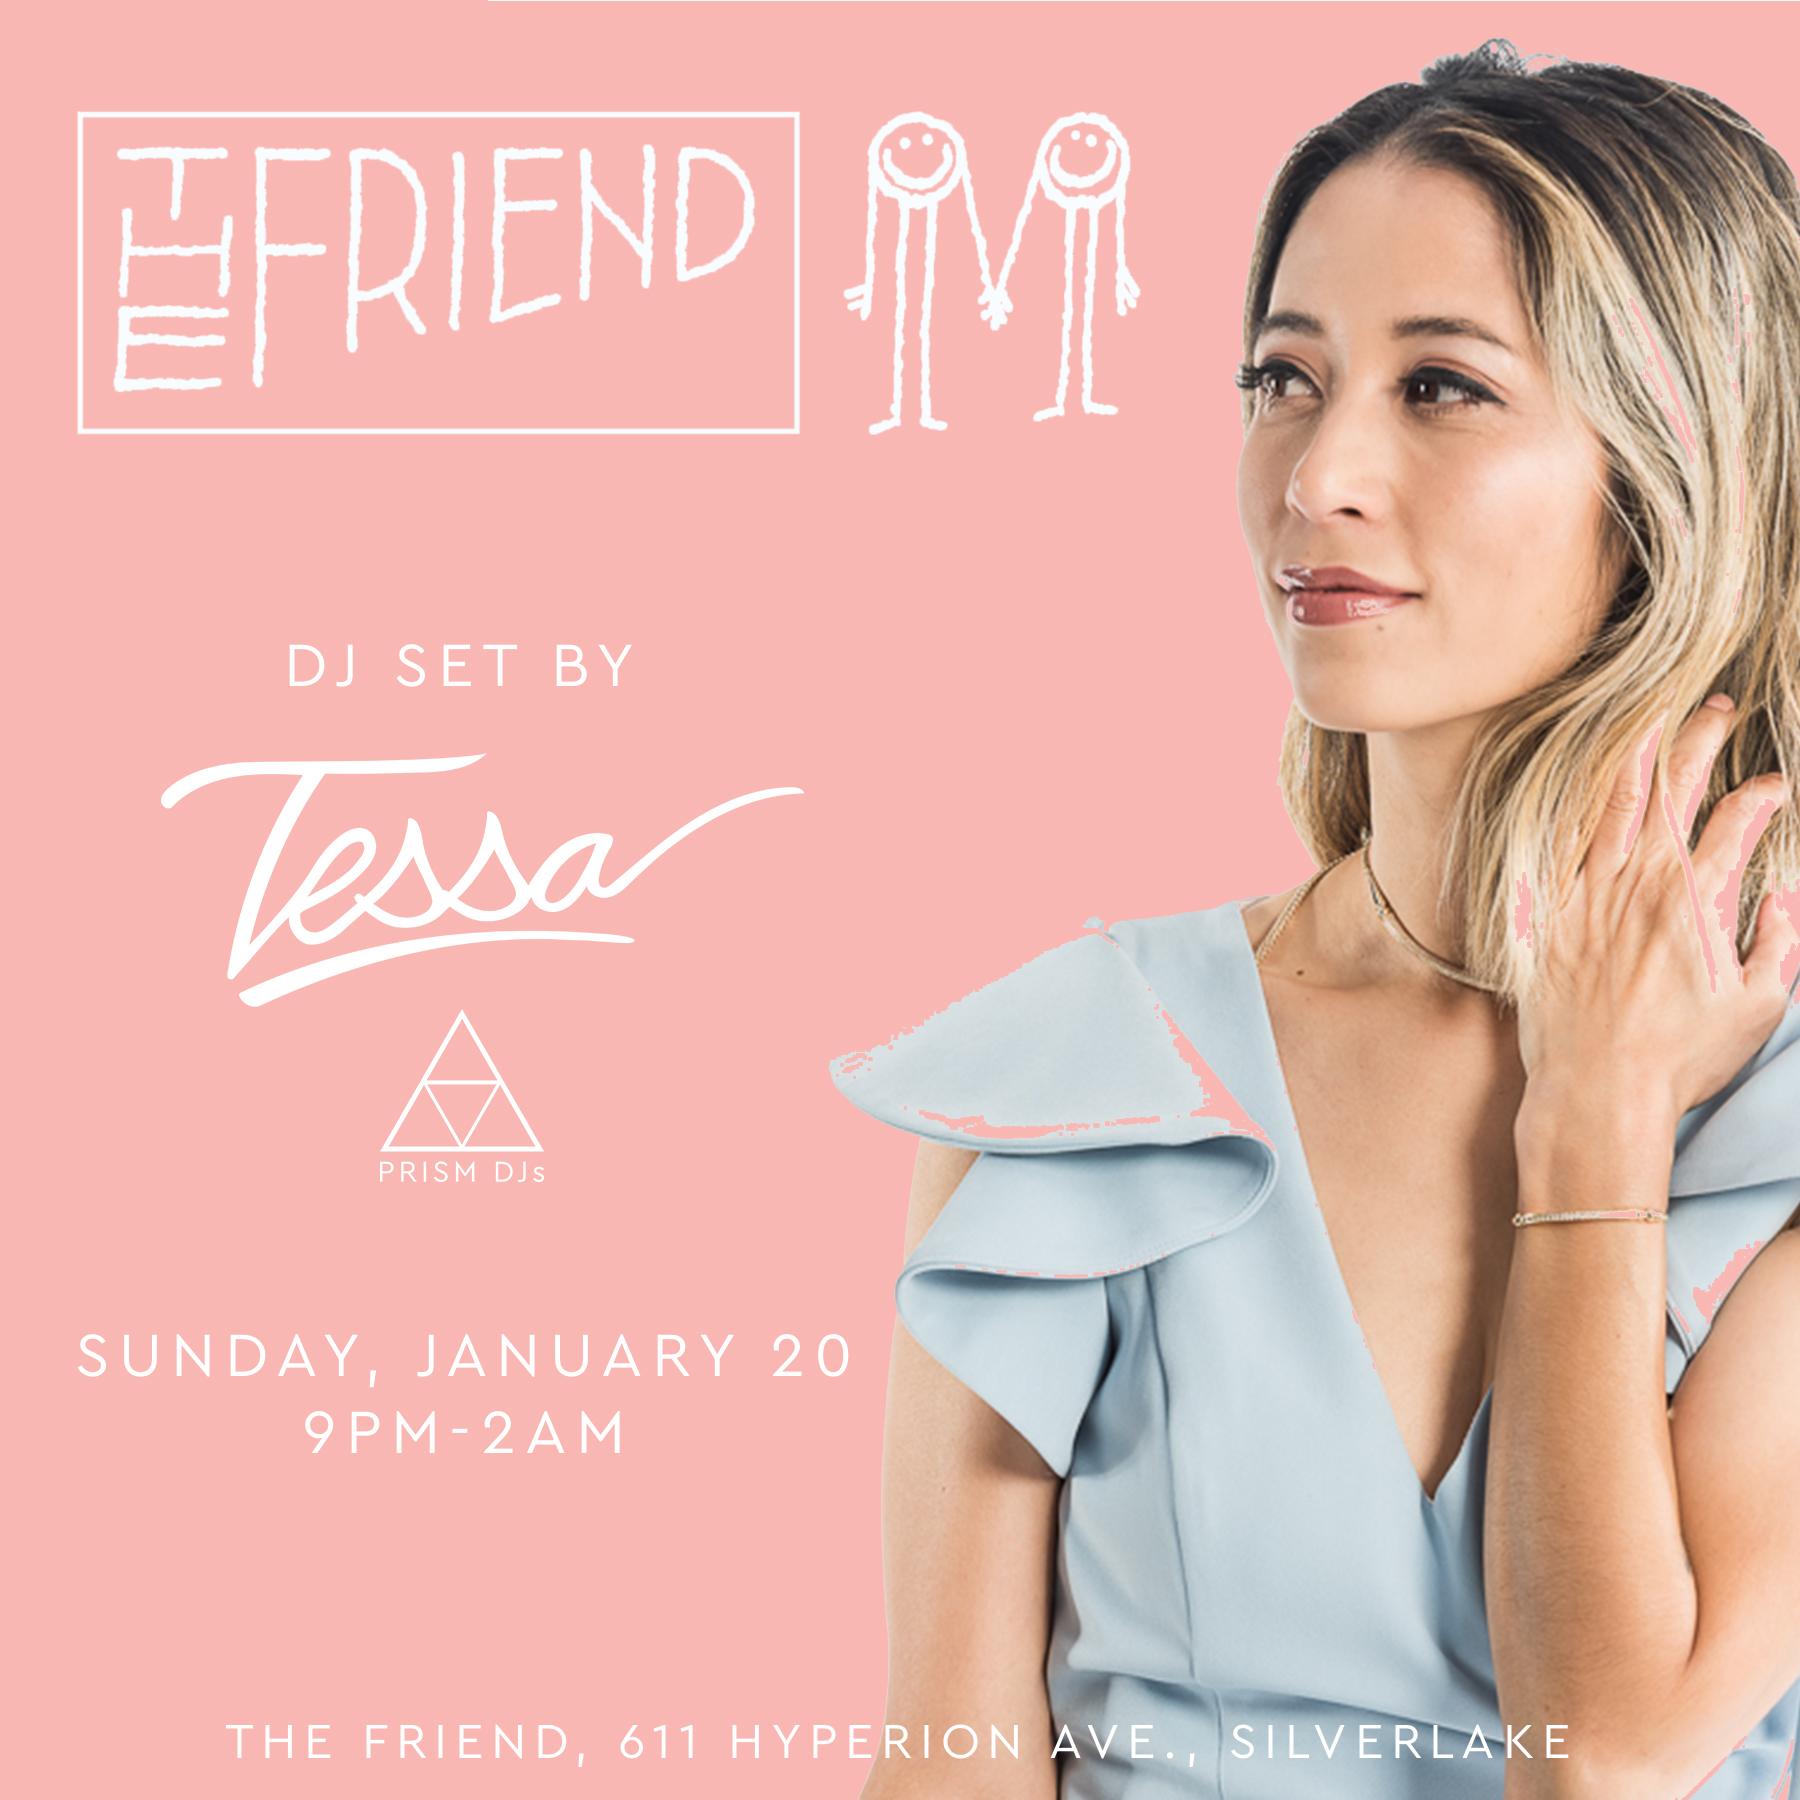 Friend Bar DJ Tessa 1.20.19.jpg